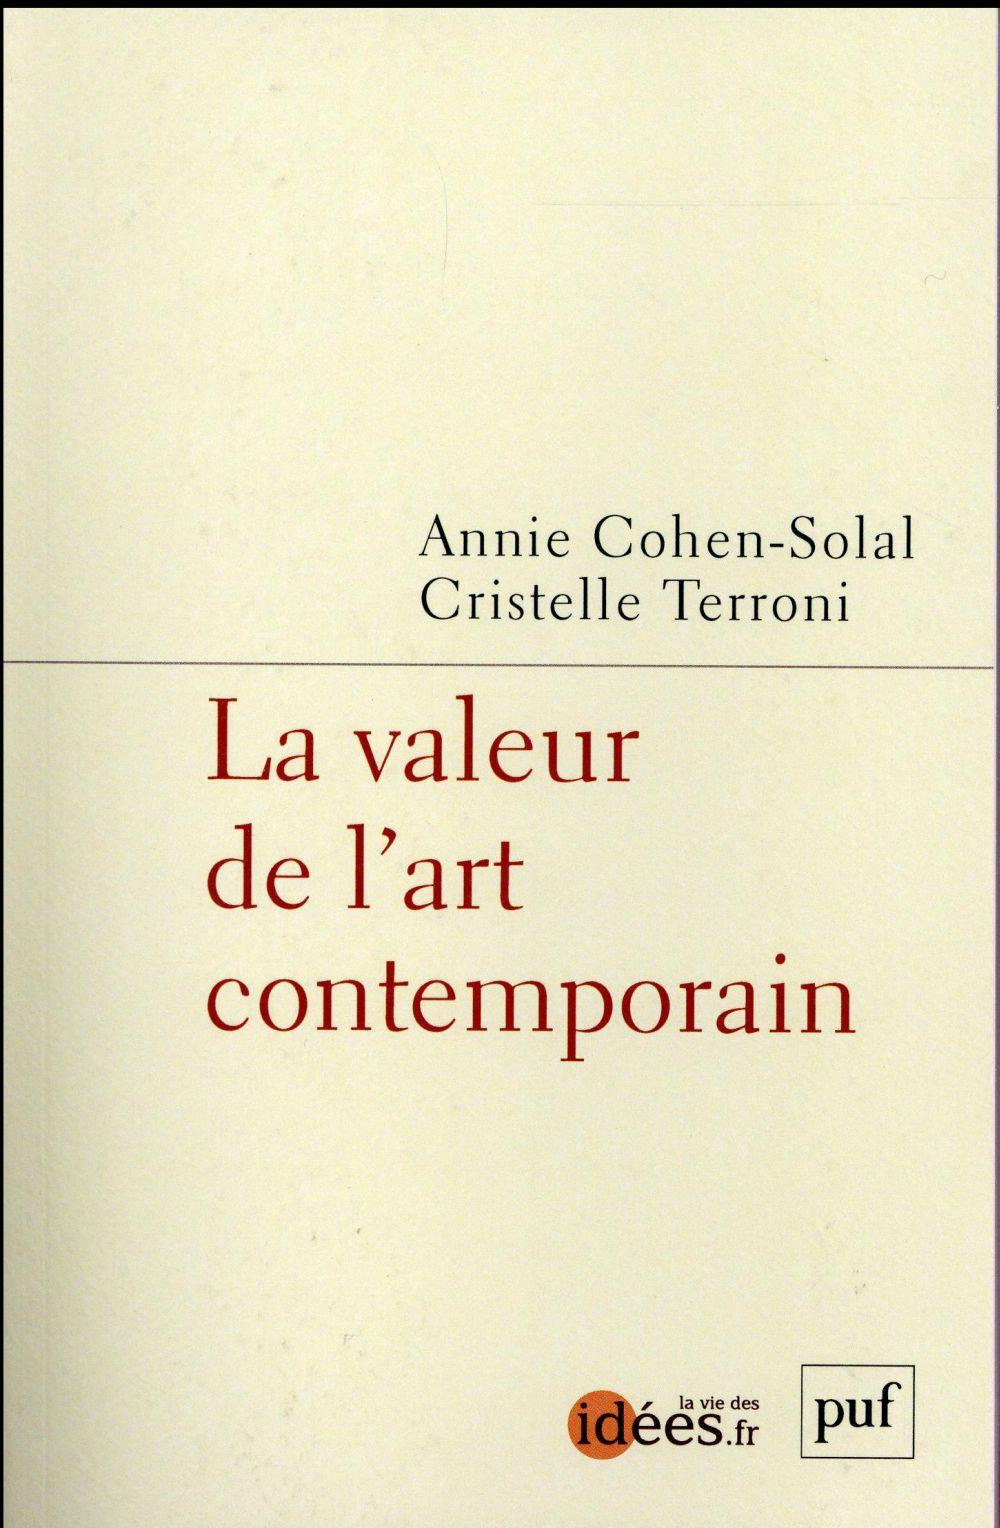 La valeur de l'art contemporain